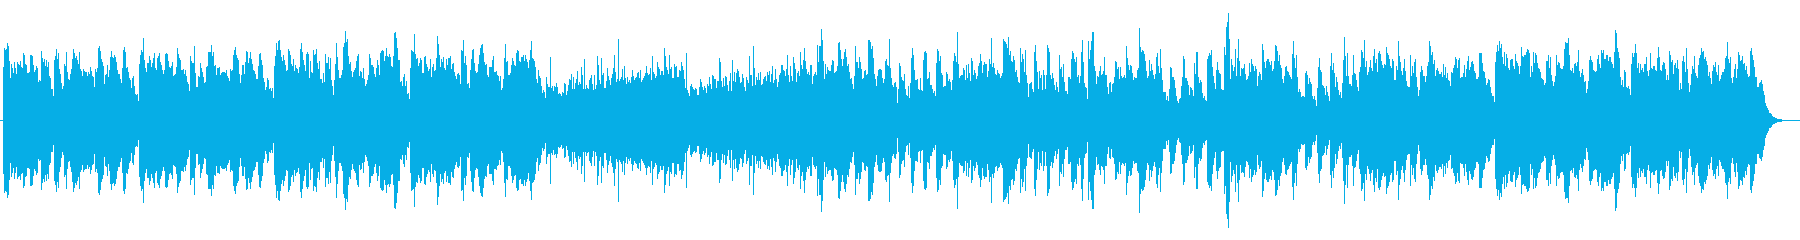 戦闘・追跡シーン系BGM_TypeBの再生済みの波形